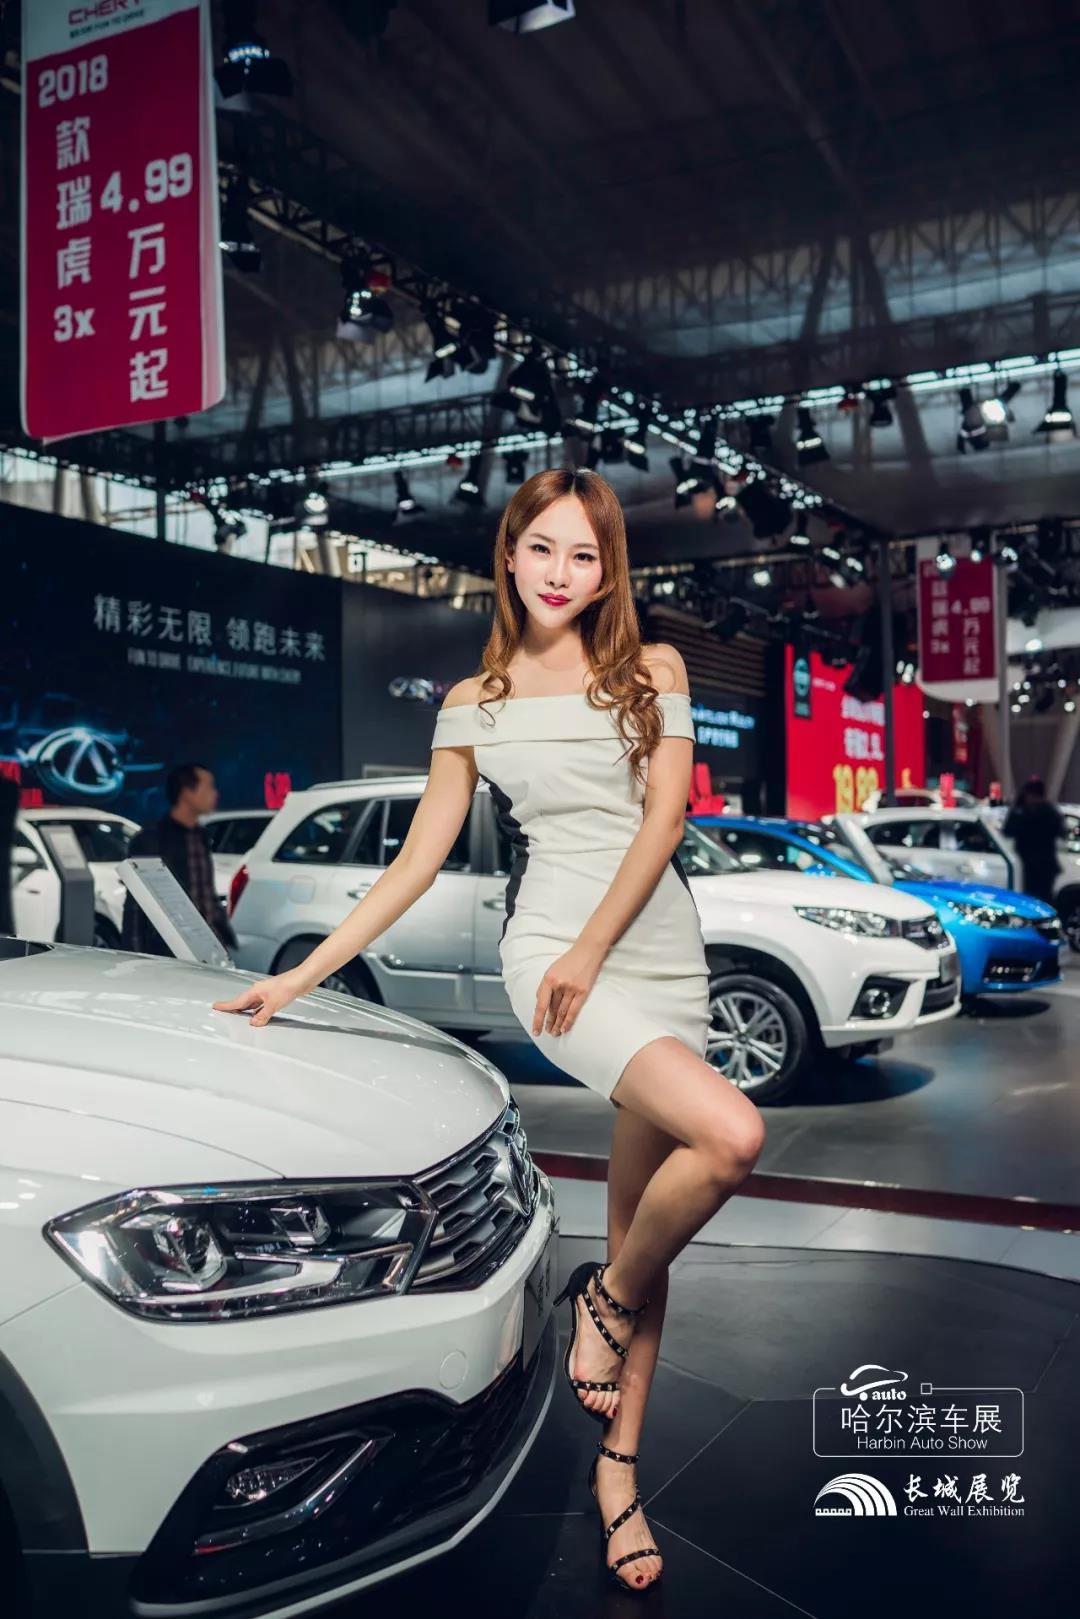 2018哈尔滨春季车展一大波美艳车模闪亮登场